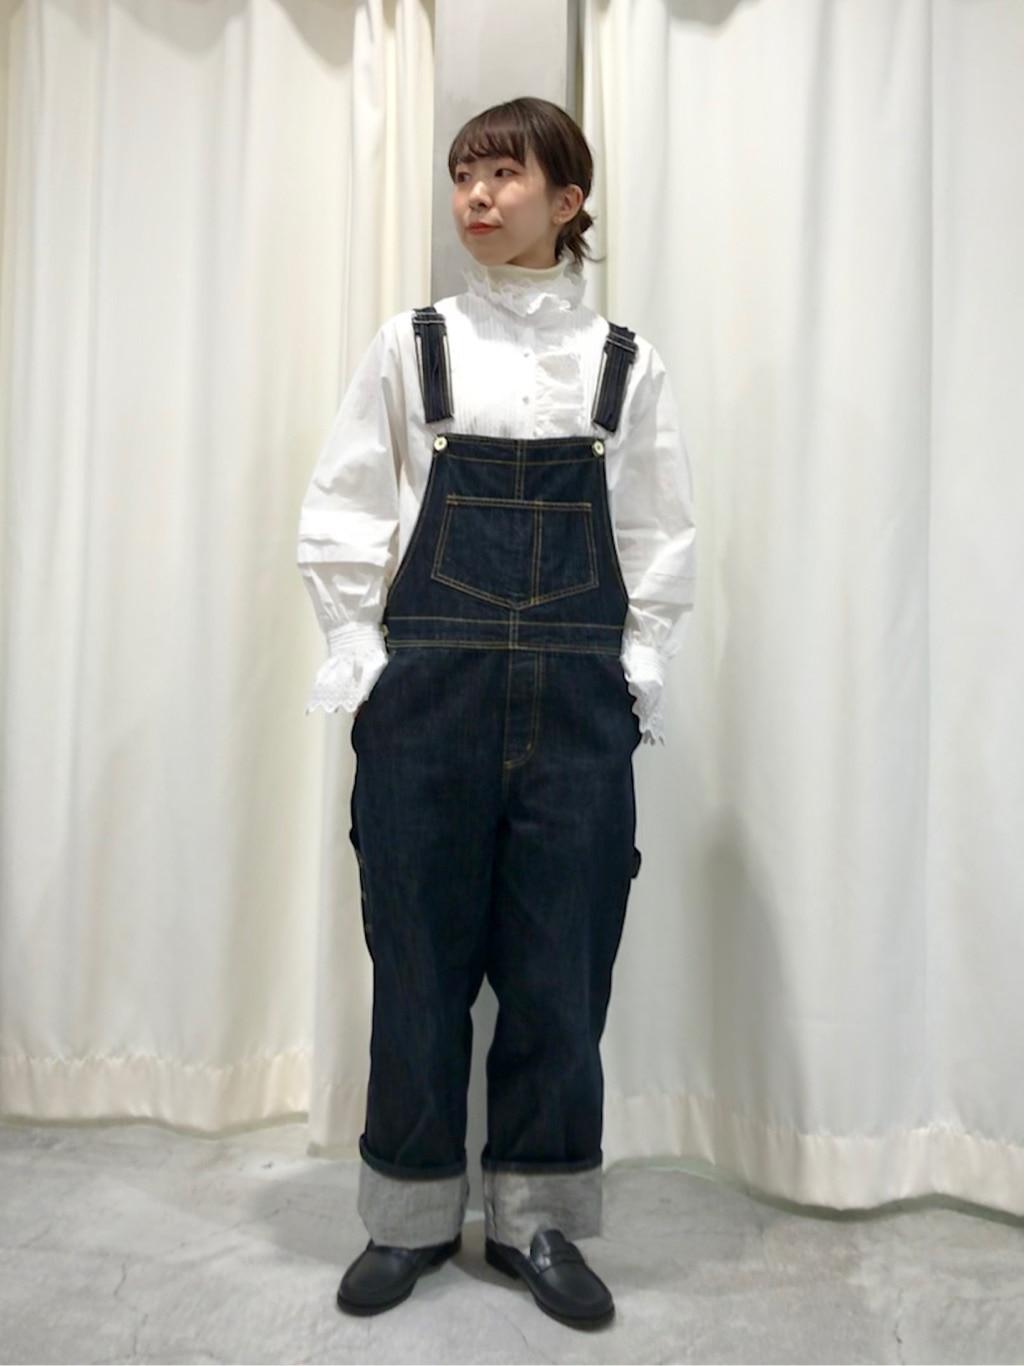 - PAR ICI CHILD WOMAN , PAR ICI ルミネ池袋 身長:154cm 2021.01.15